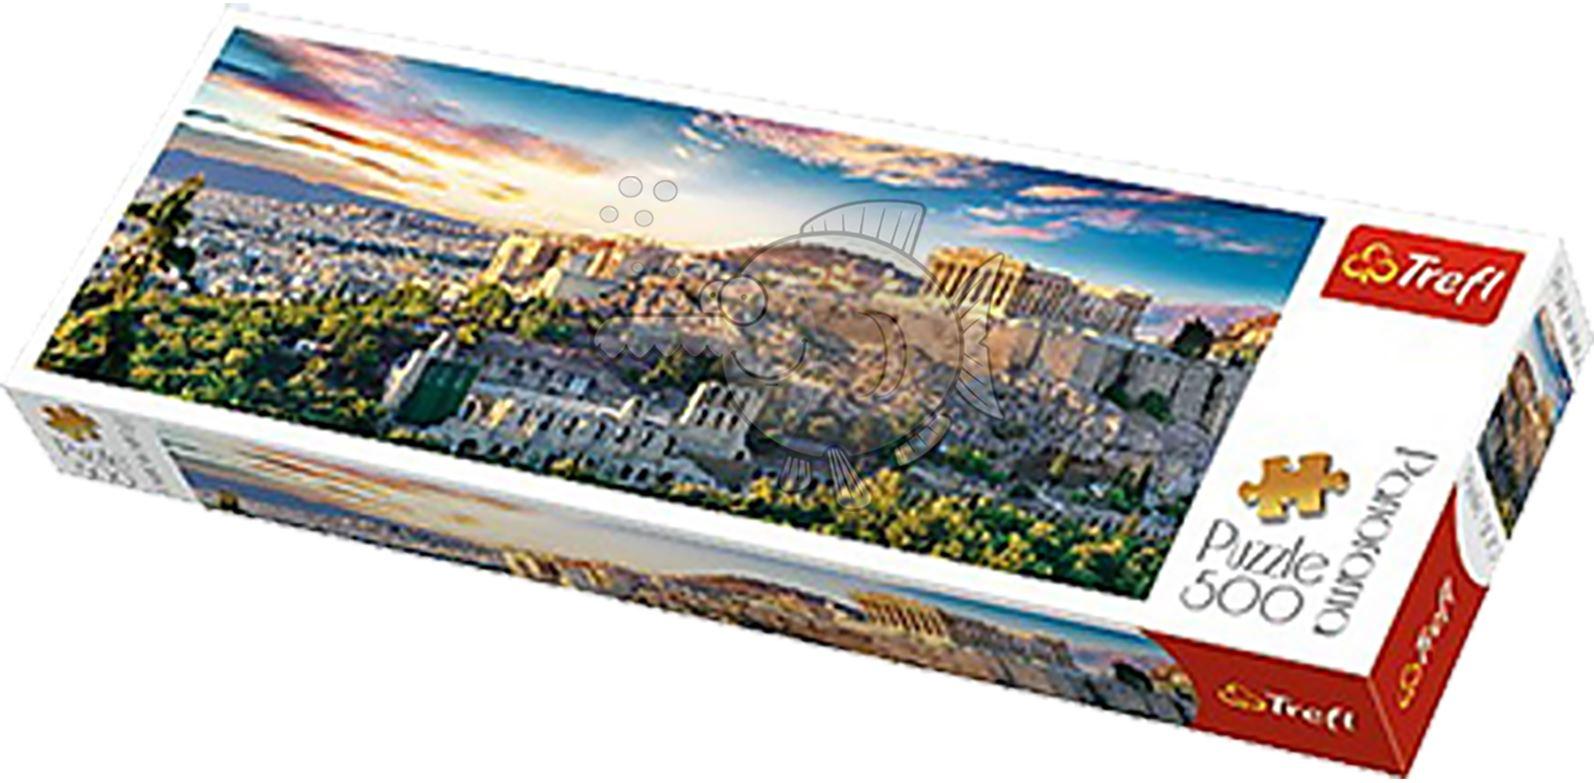 Trefl-300-500-1000-1500-2000-3000-4000-6000-Piece-Jigsaw-Puzzle-Paysages-Ville miniature 7